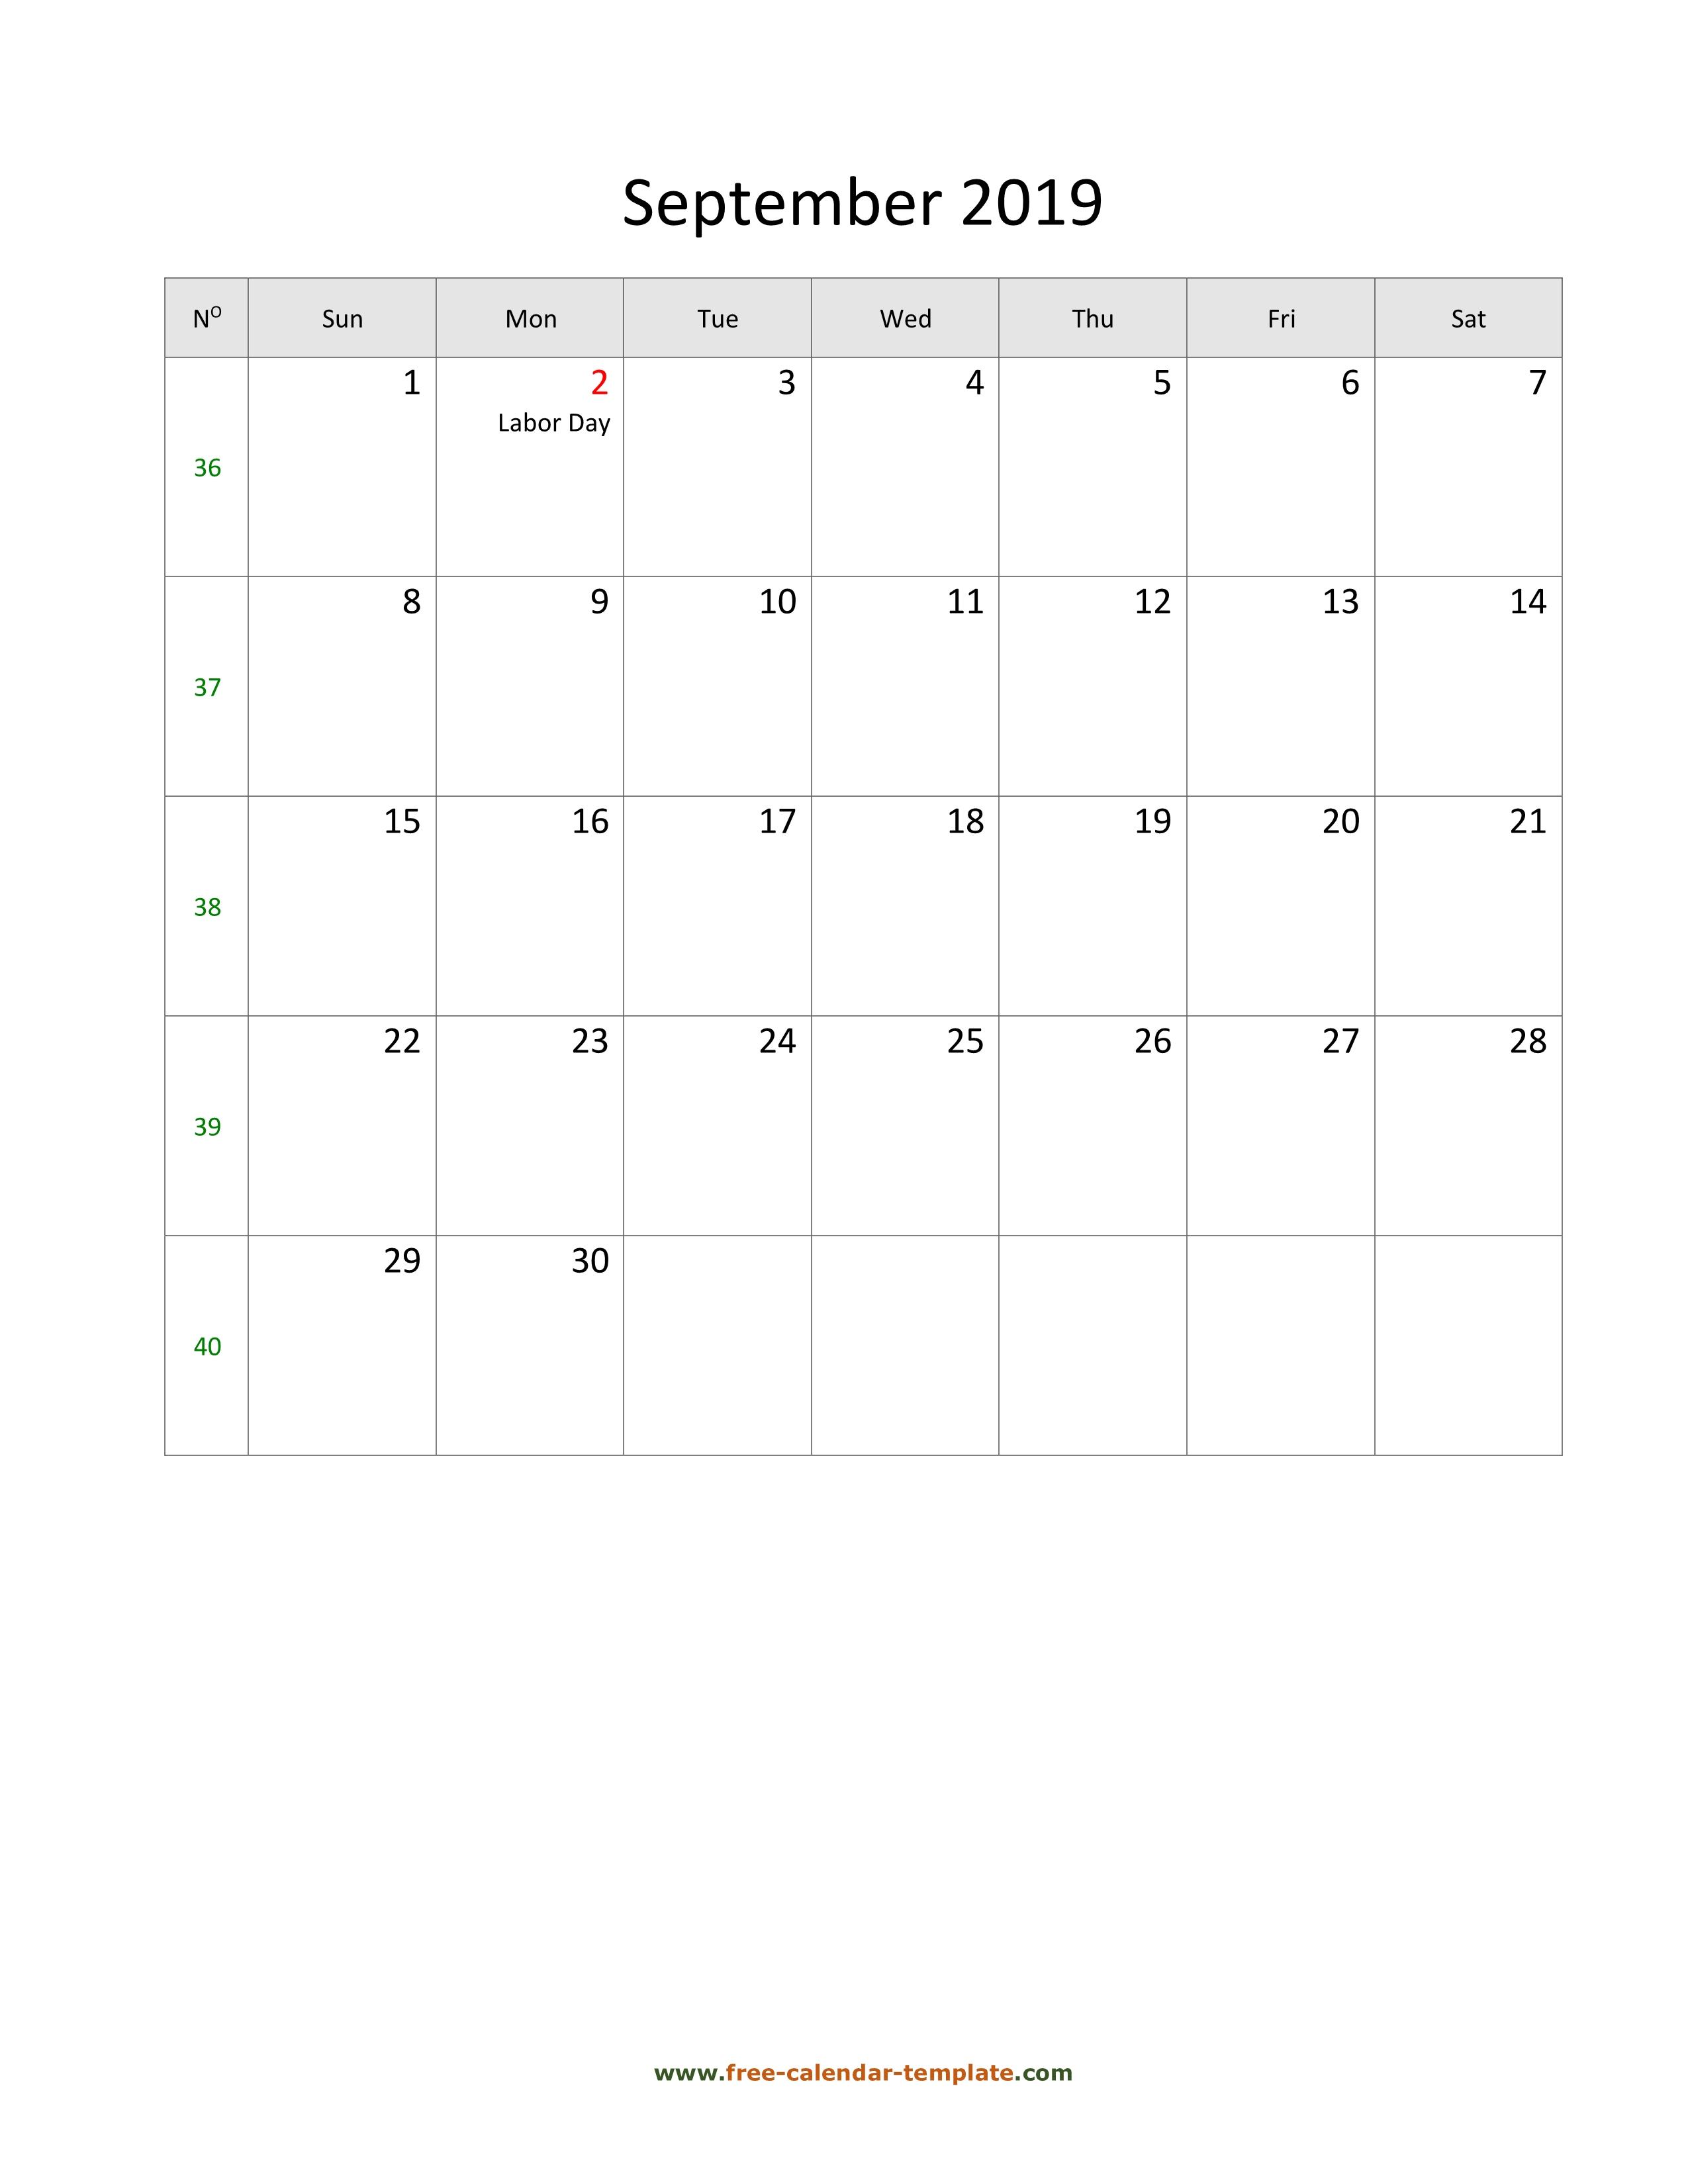 September 2019 Free Calendar Tempplate | Freecalendar inside 30 Day Blank Calendar